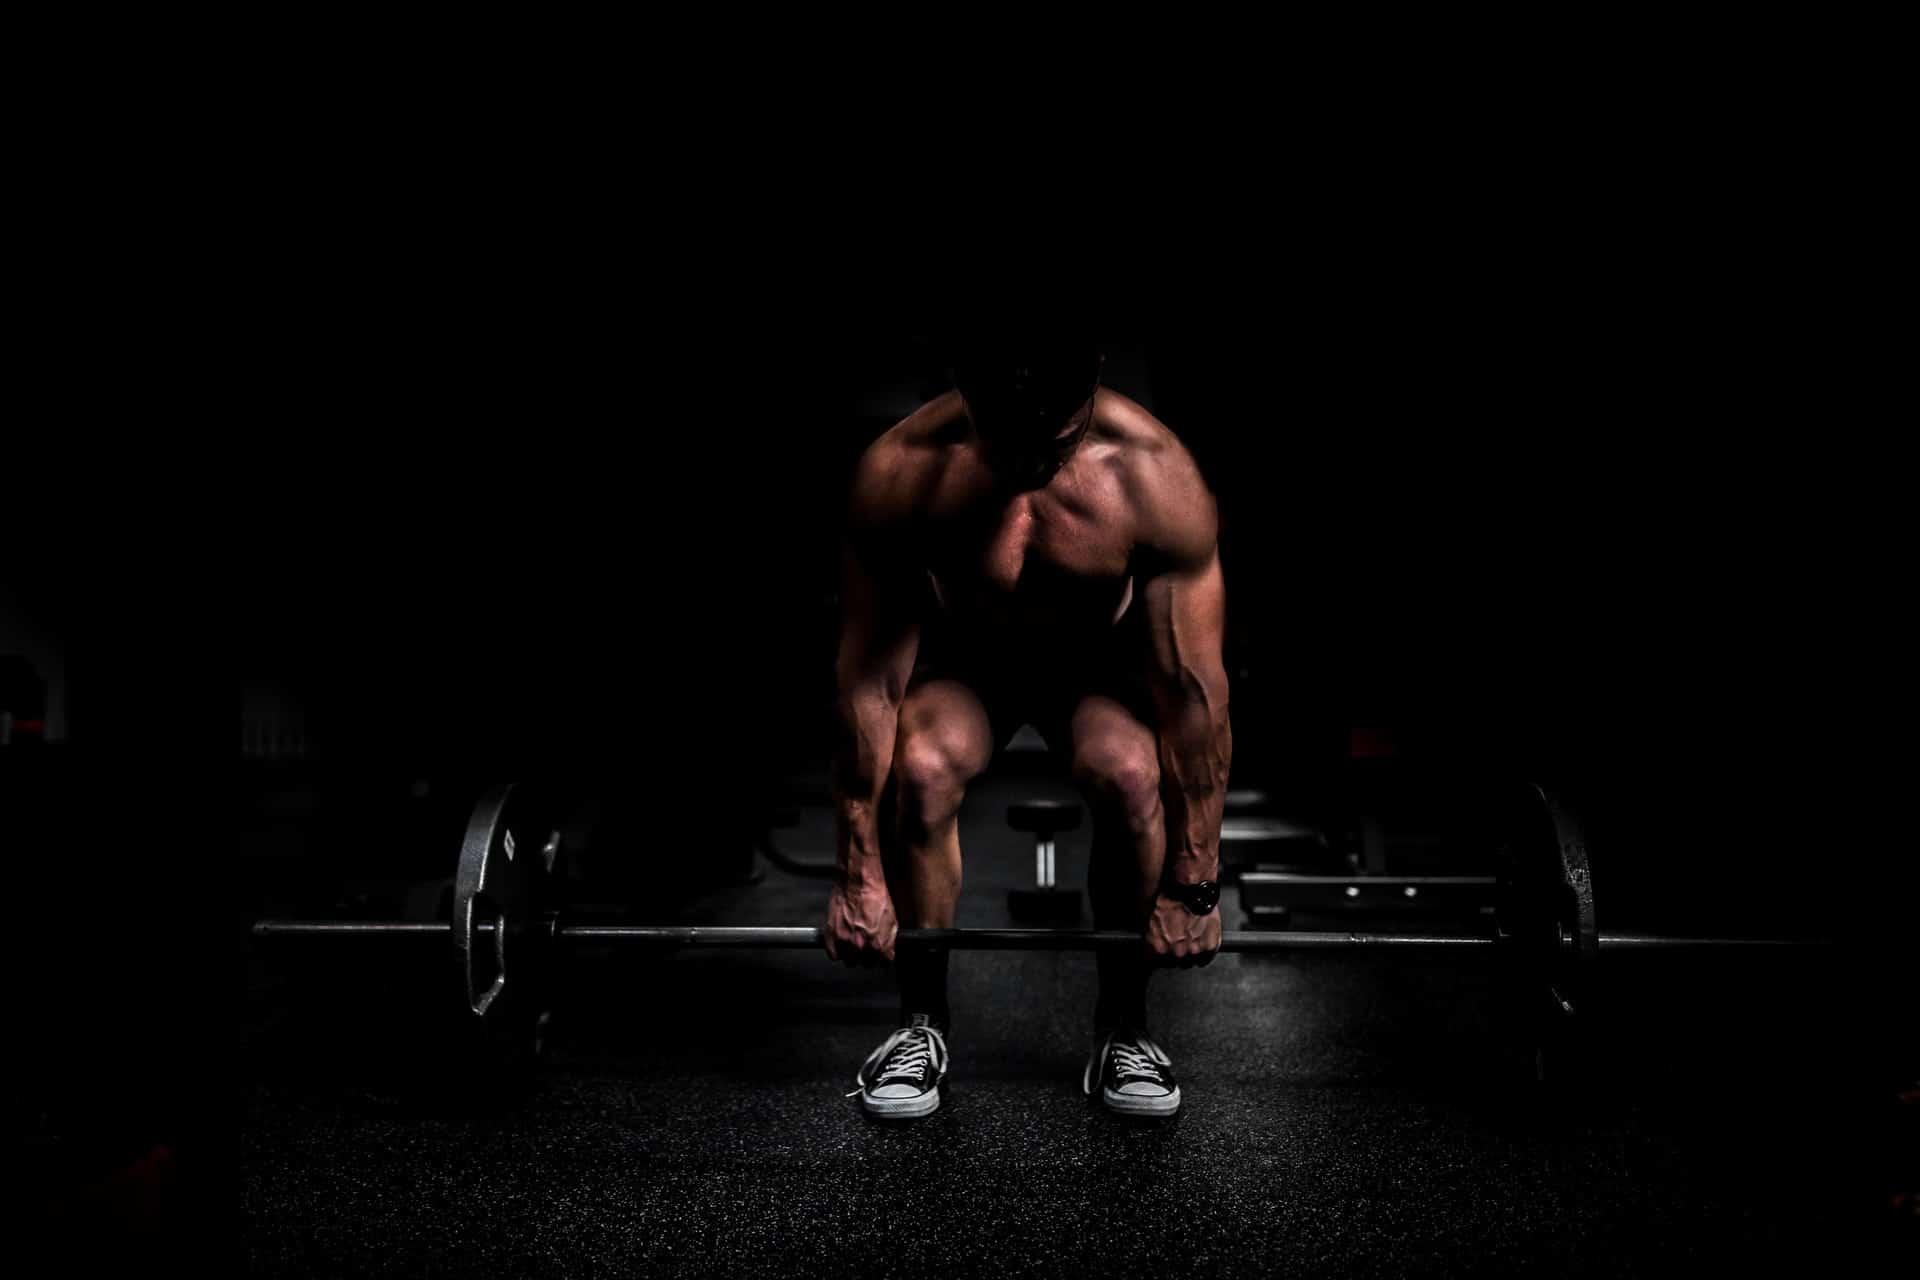 Muskelaufbau mit 50 bild 2